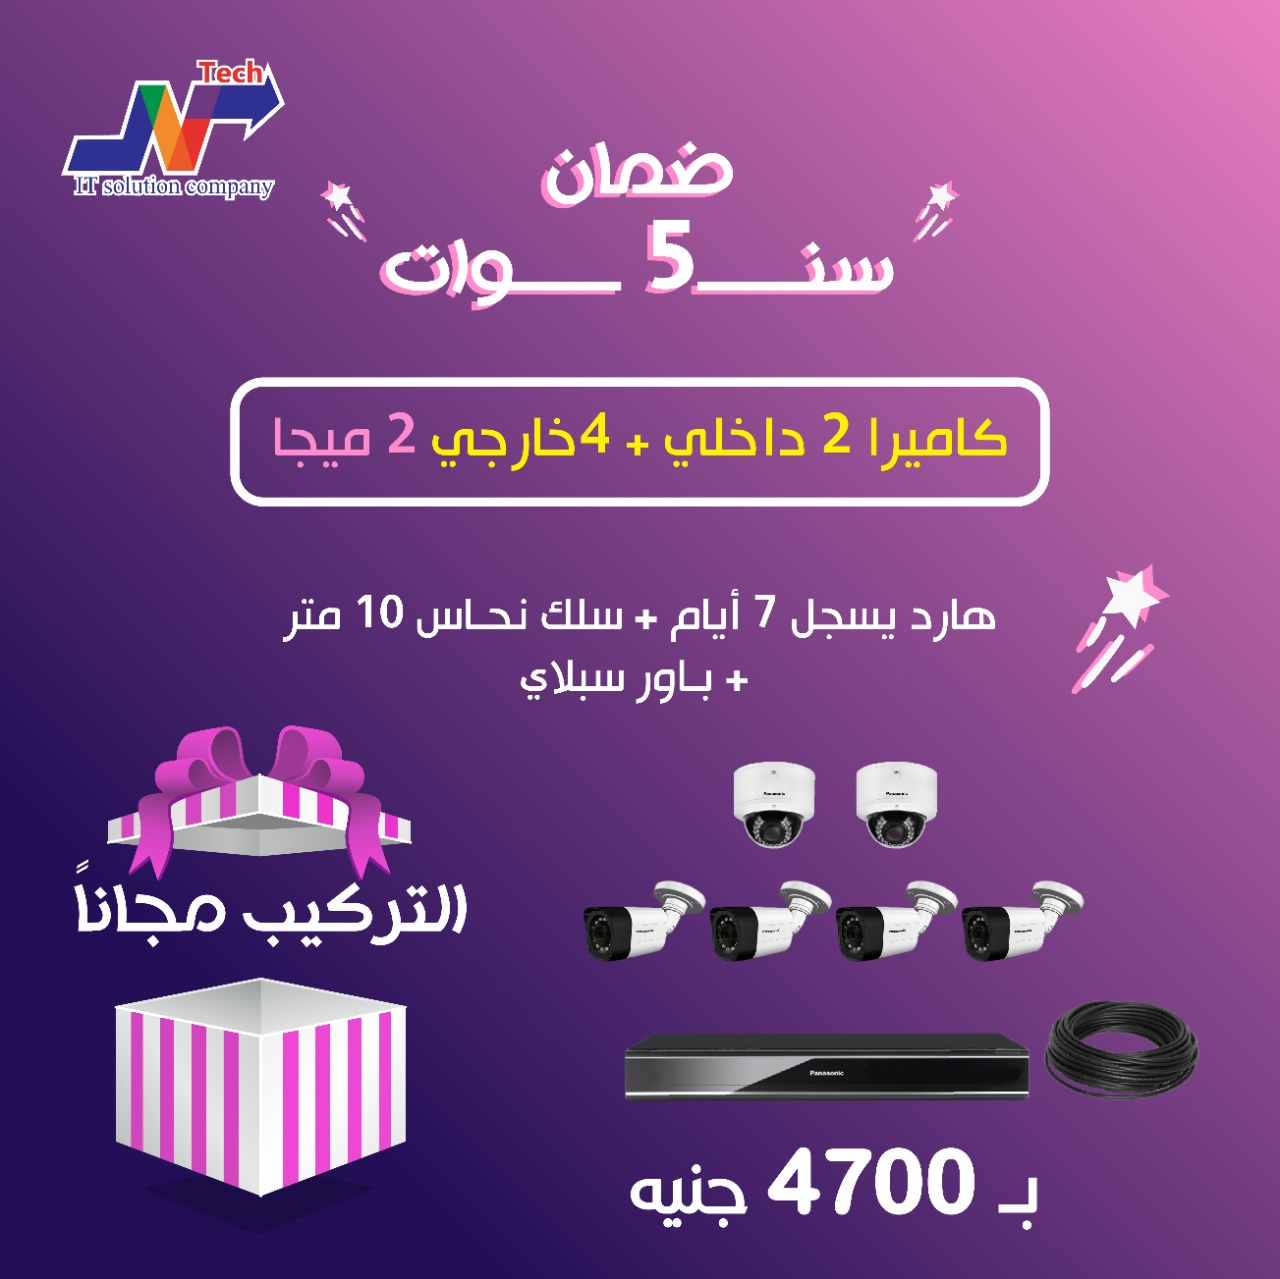 اسعار كاميرات المراقبة المنزلية - اسعار كاميرات مراقبة 2 ميجا